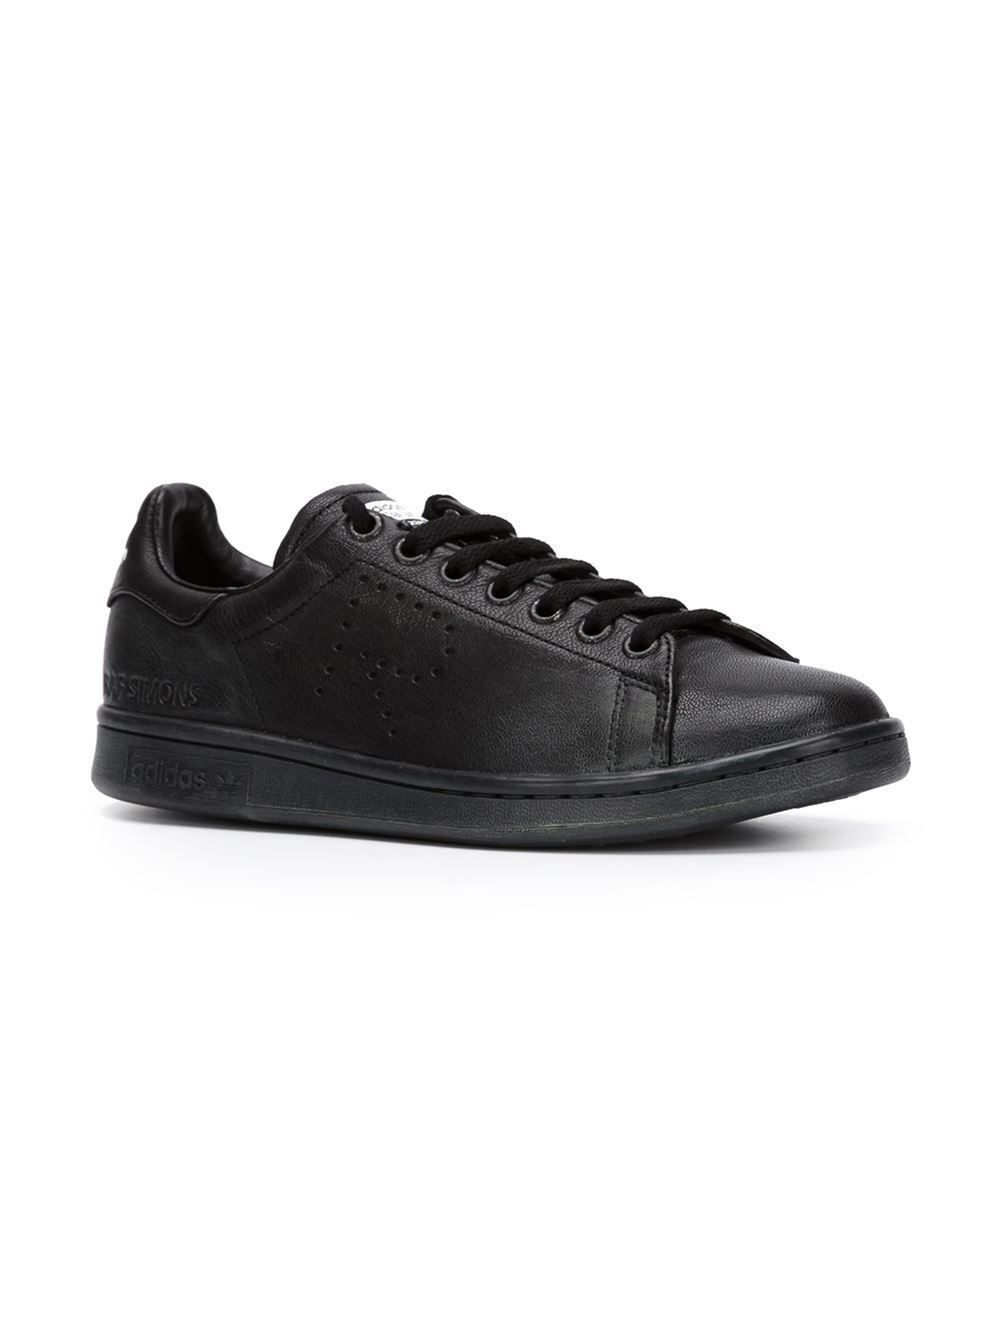 Adidas 41 By Raf Simons zapatillas Stan Smith Blanco farfetch 41 Adidas EU 9b8c43